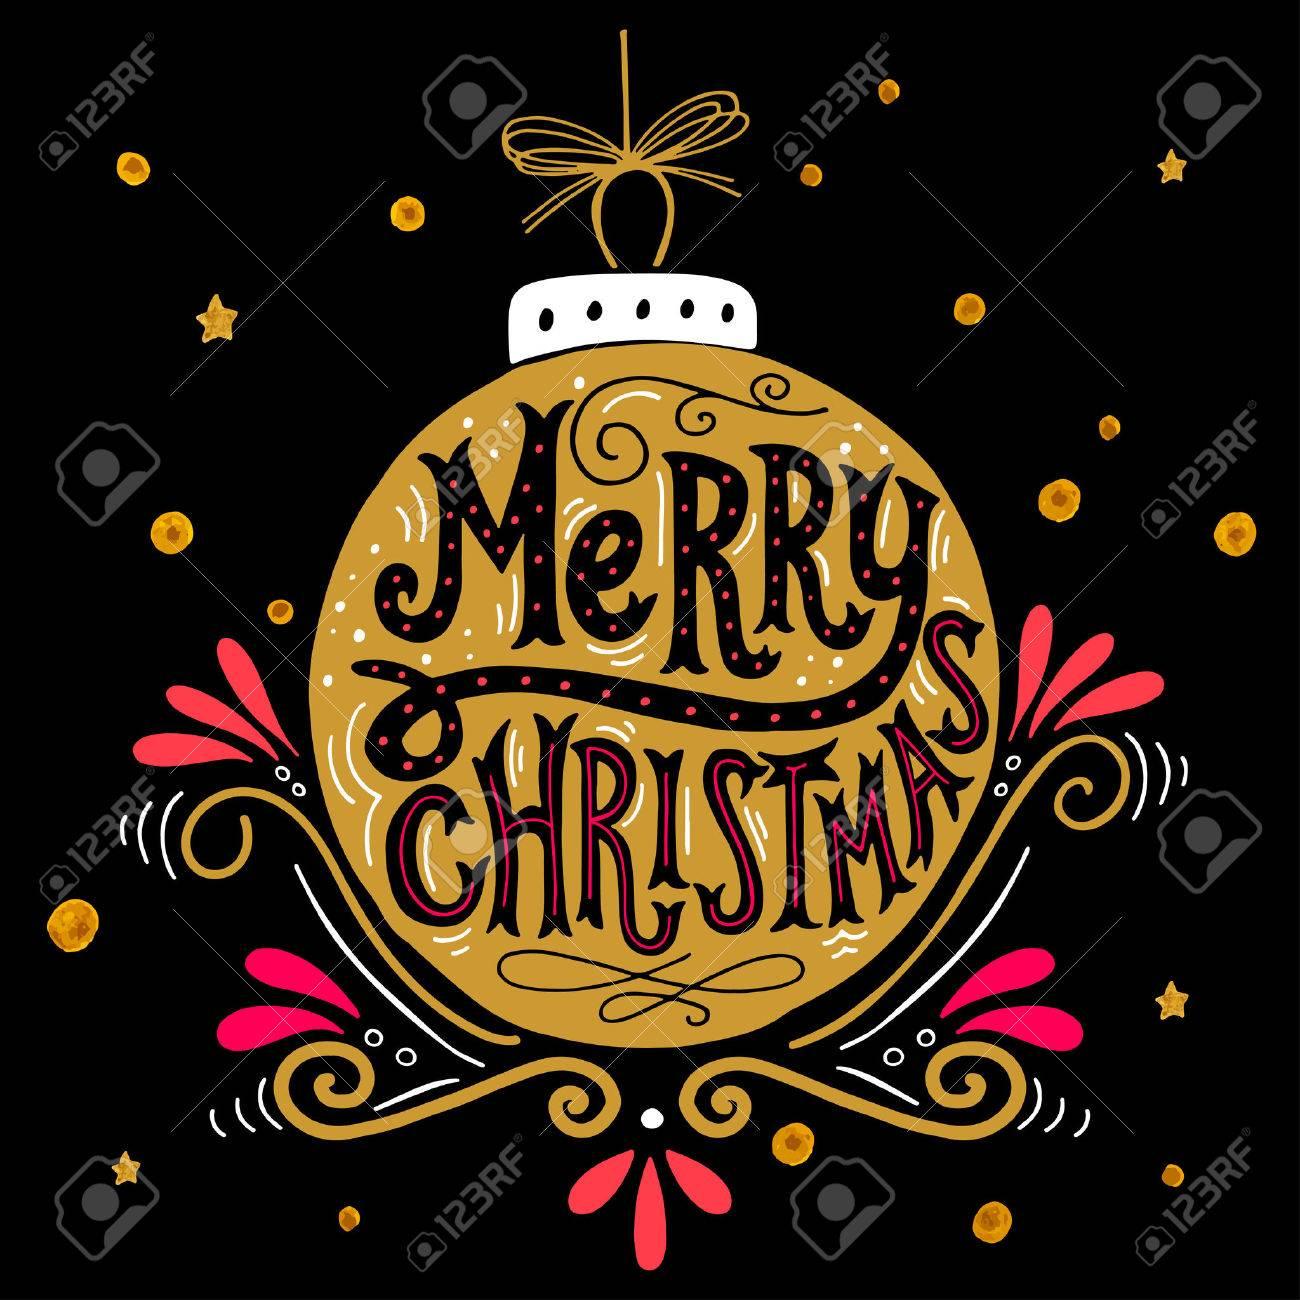 Immagini Natalizie Con Scritte.Buon Natale Poster Retro Con Scritte A Mano Palla Di Natale E Elementi Di Decorazione Questa Illustrazione Puo Essere Utilizzato Come Biglietto Di